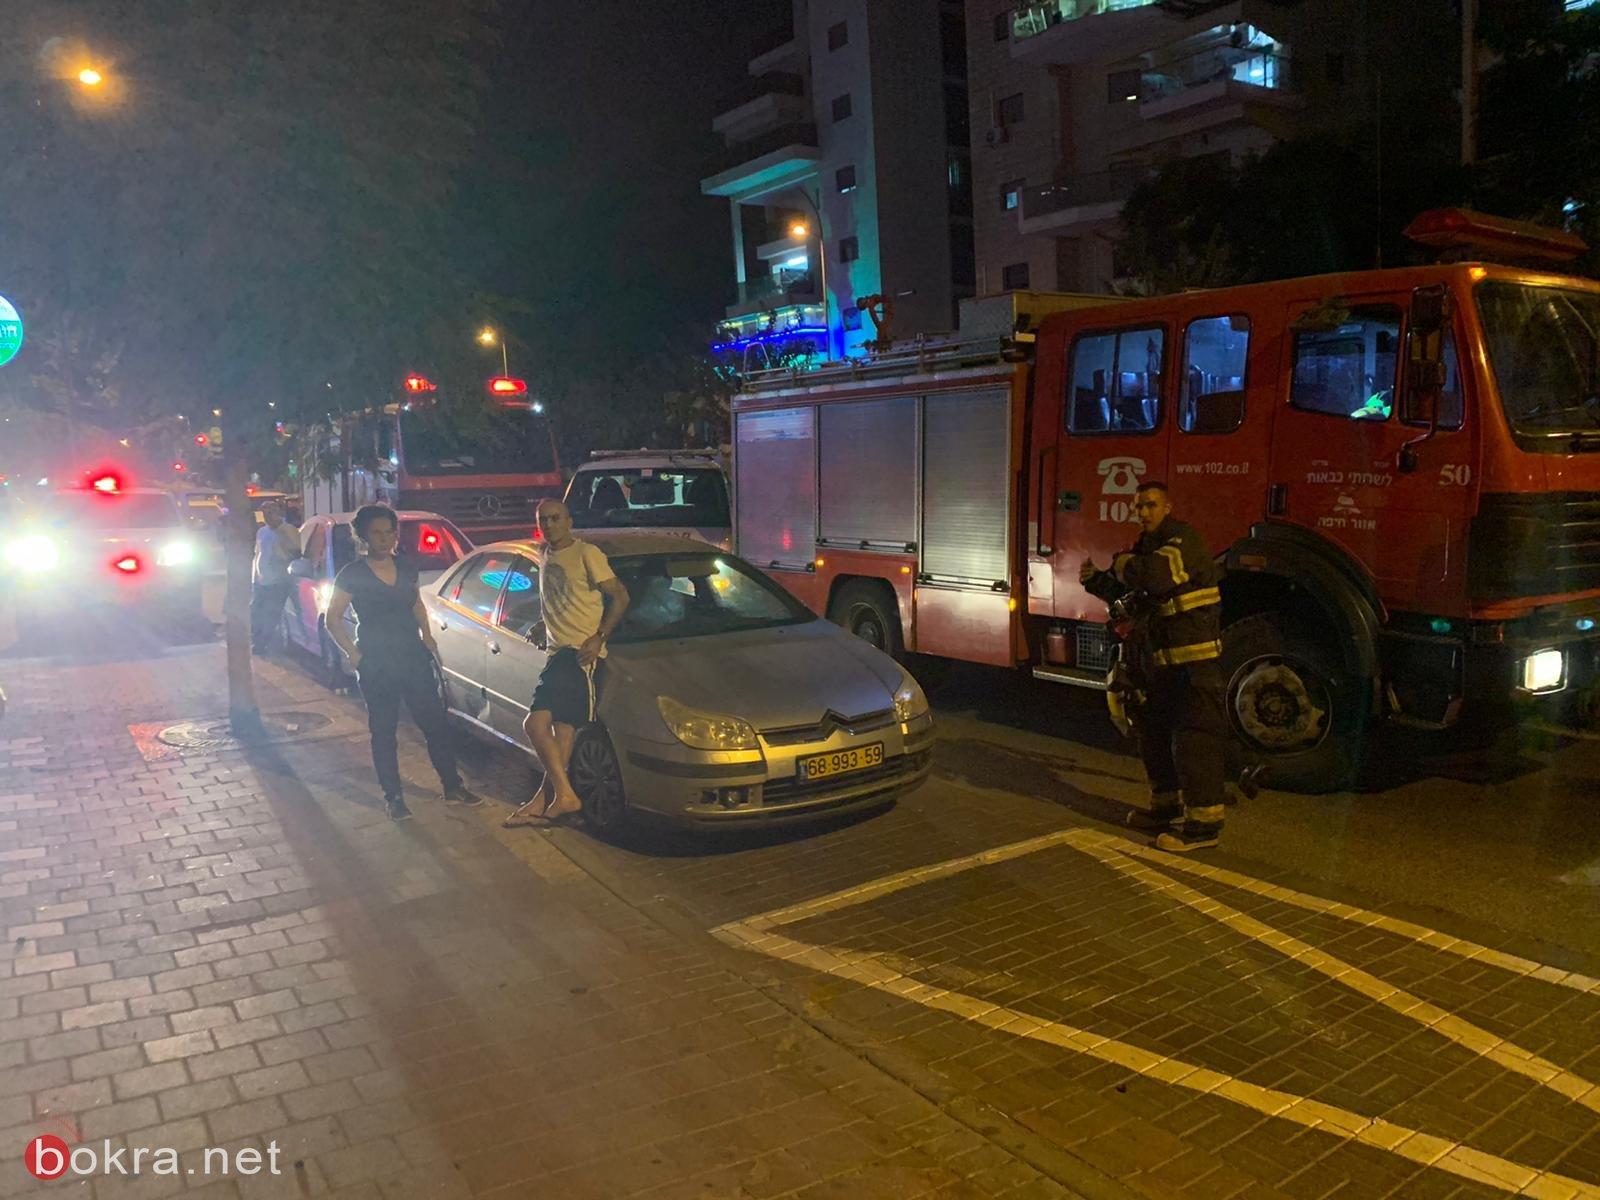 اصابة طفلة في حريق بمبنى سكني في كريات اتا